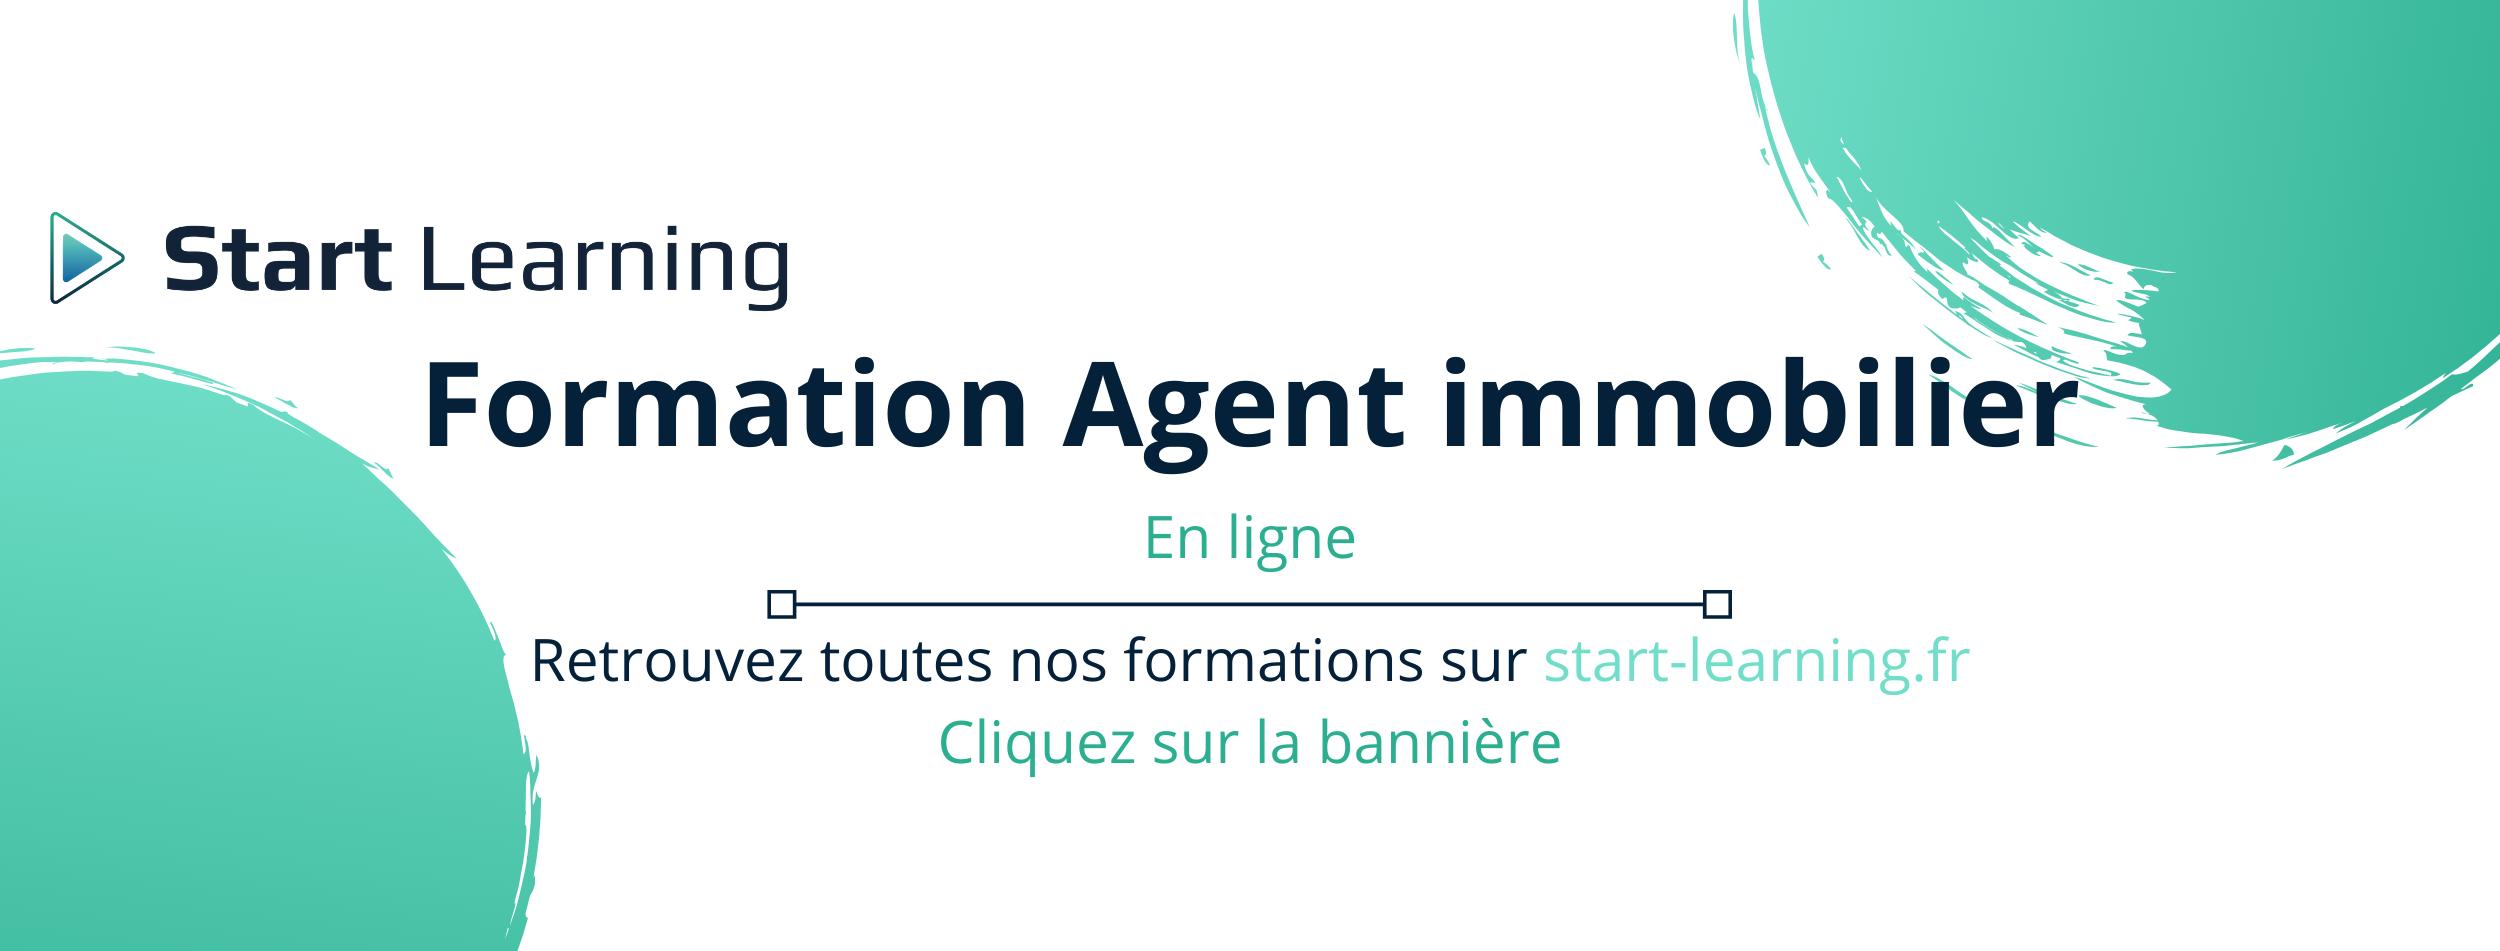 Bannière Blog Formation Agent immobilier